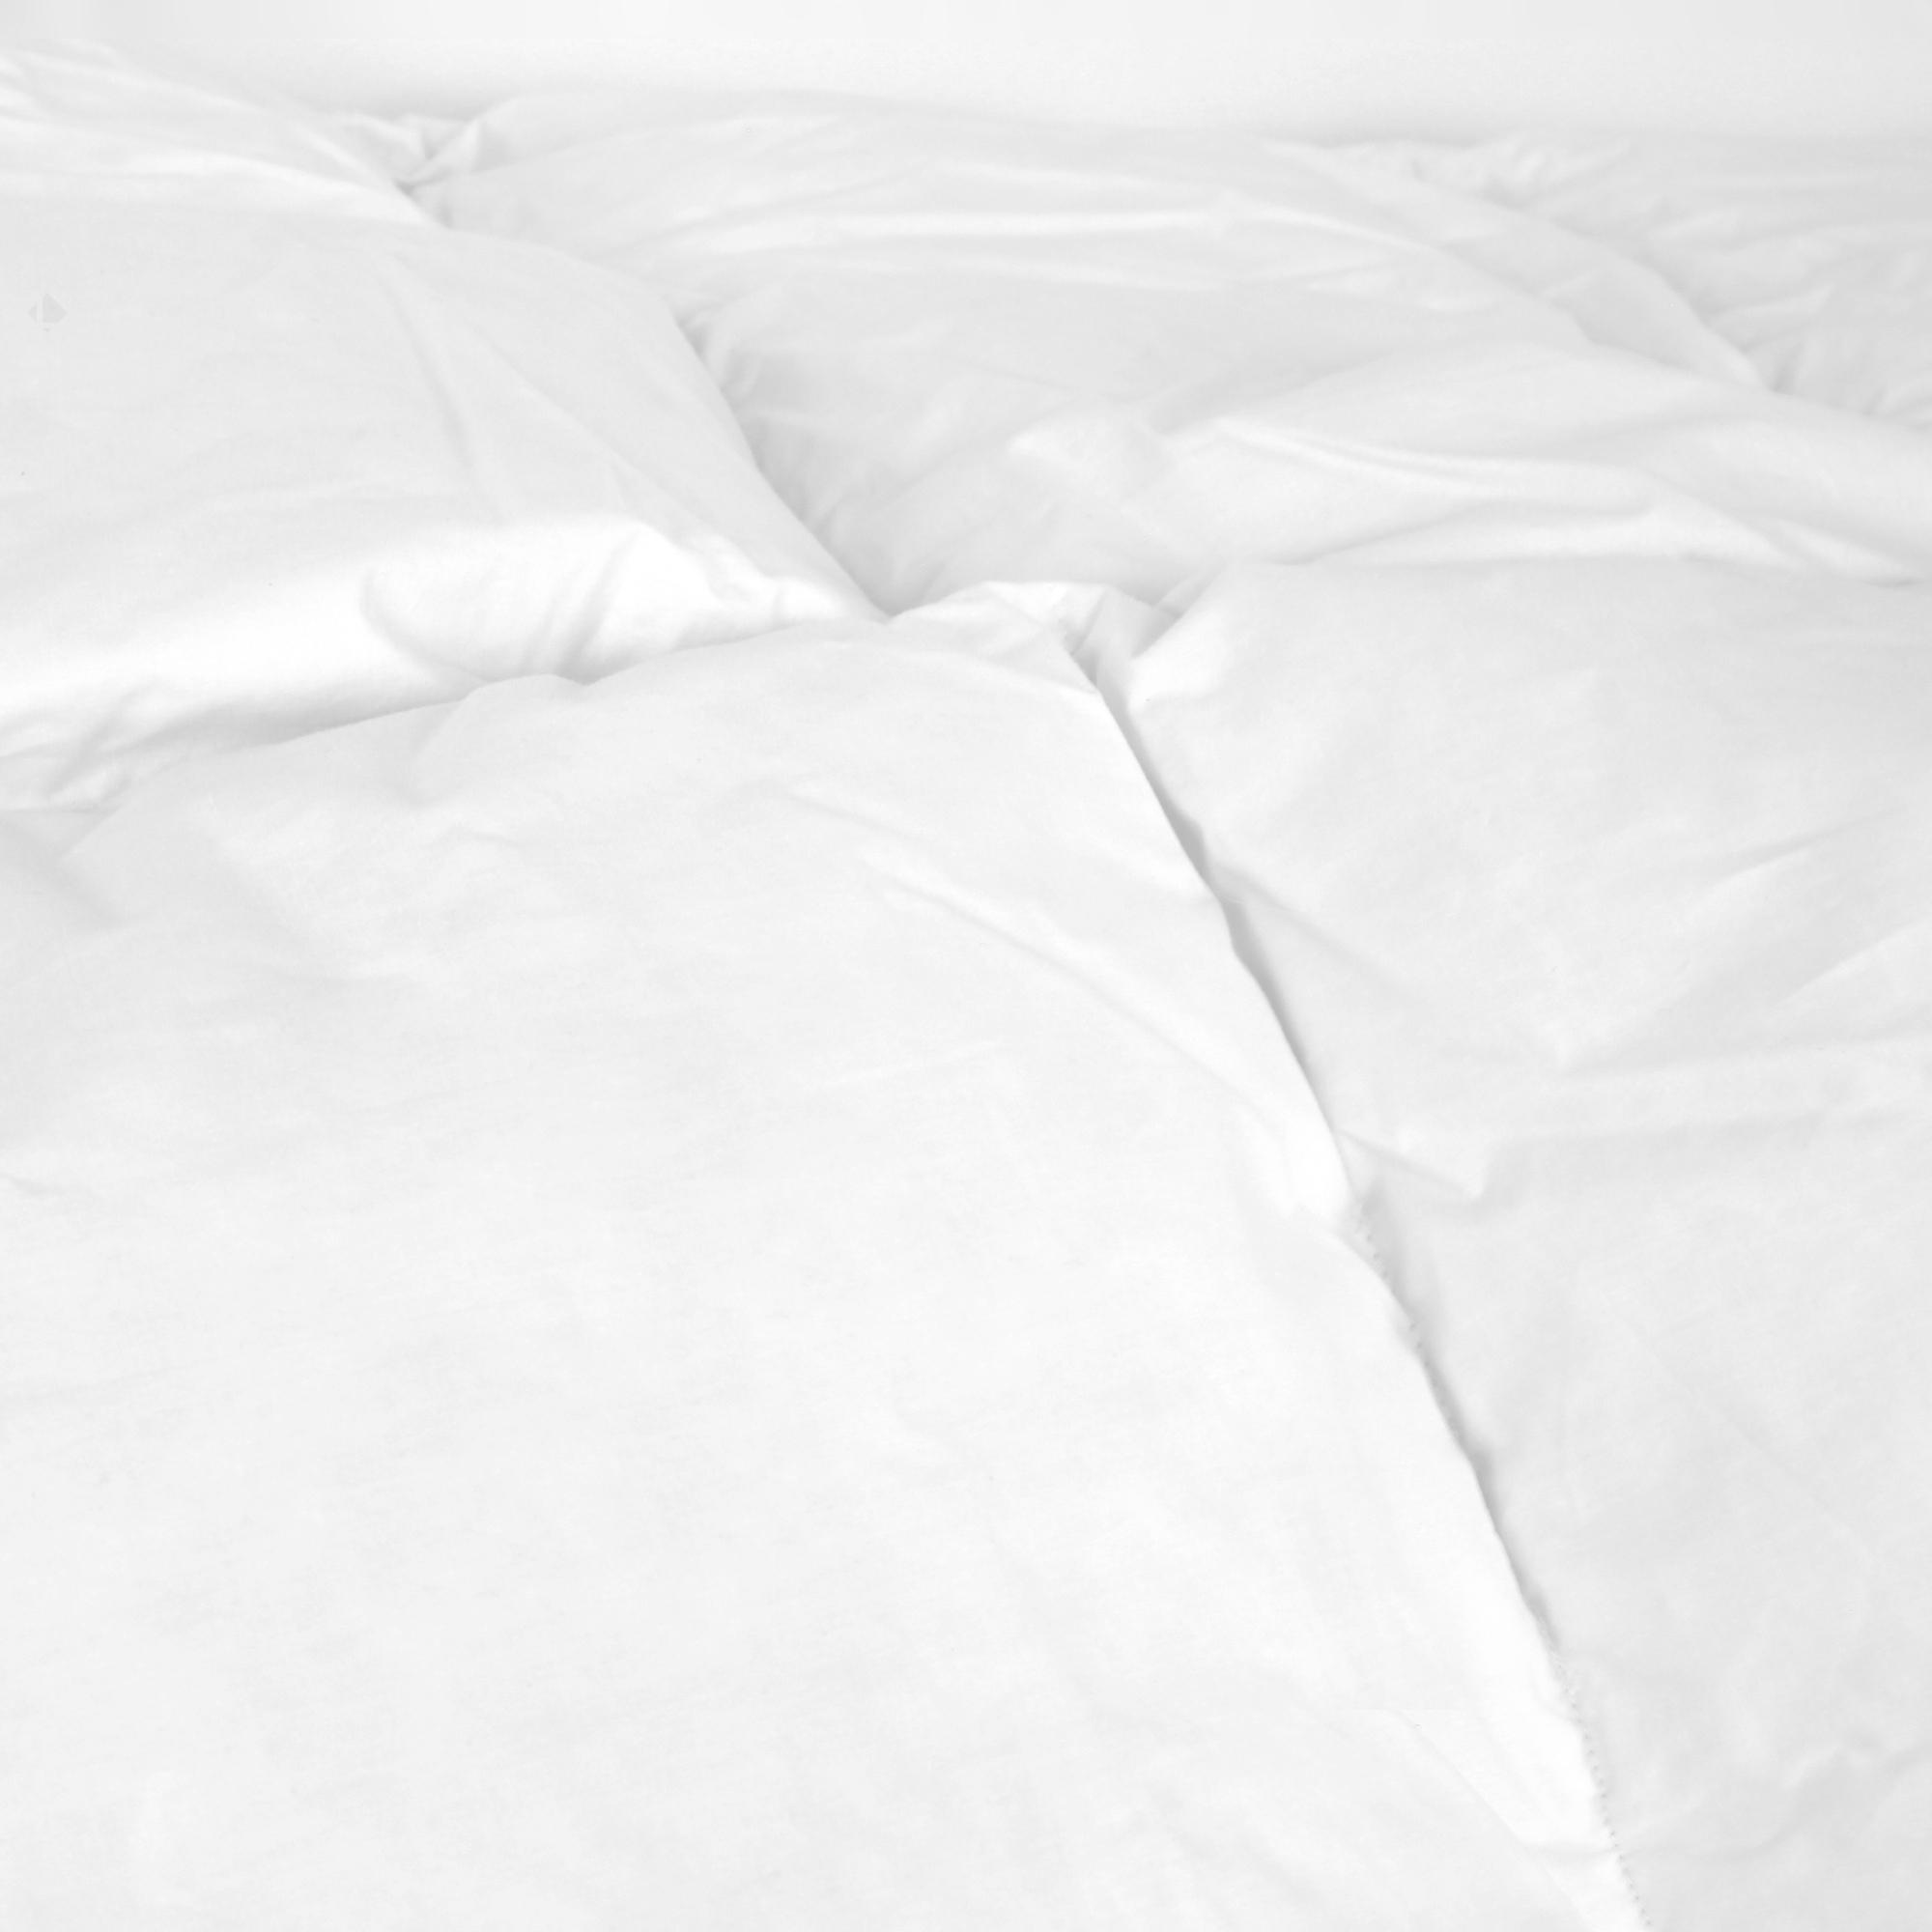 couette 300x240 cm norvege luxe duvet de canard et plumettes 300 g m2 linnea linge de. Black Bedroom Furniture Sets. Home Design Ideas